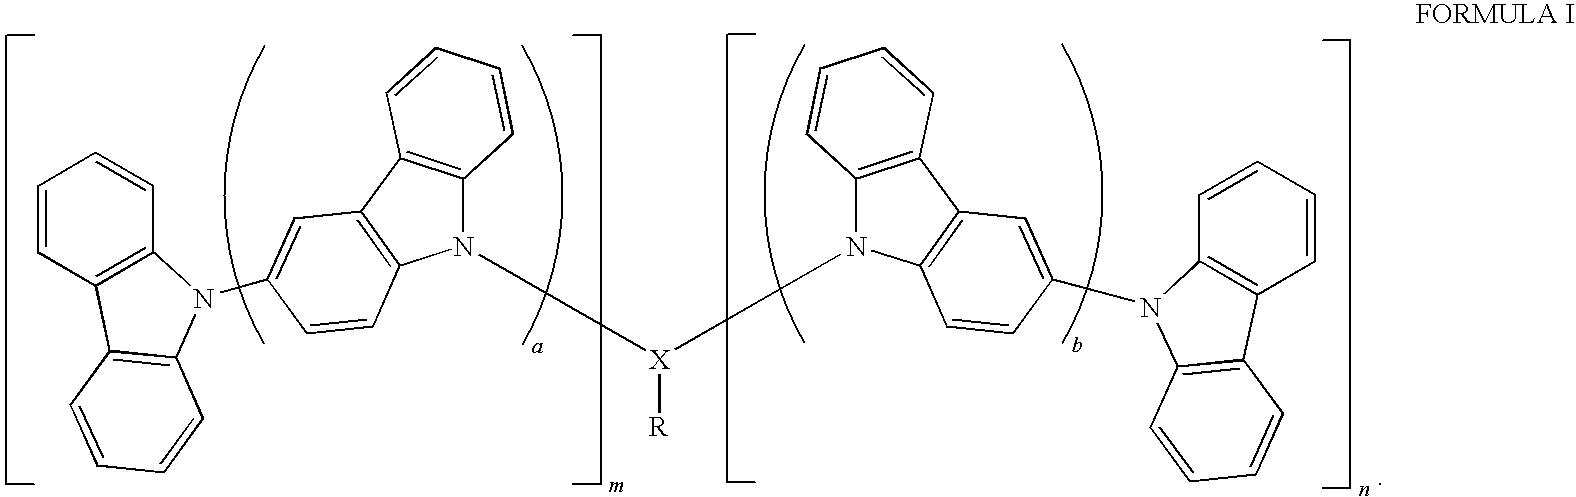 Figure US08221905-20120717-C00003